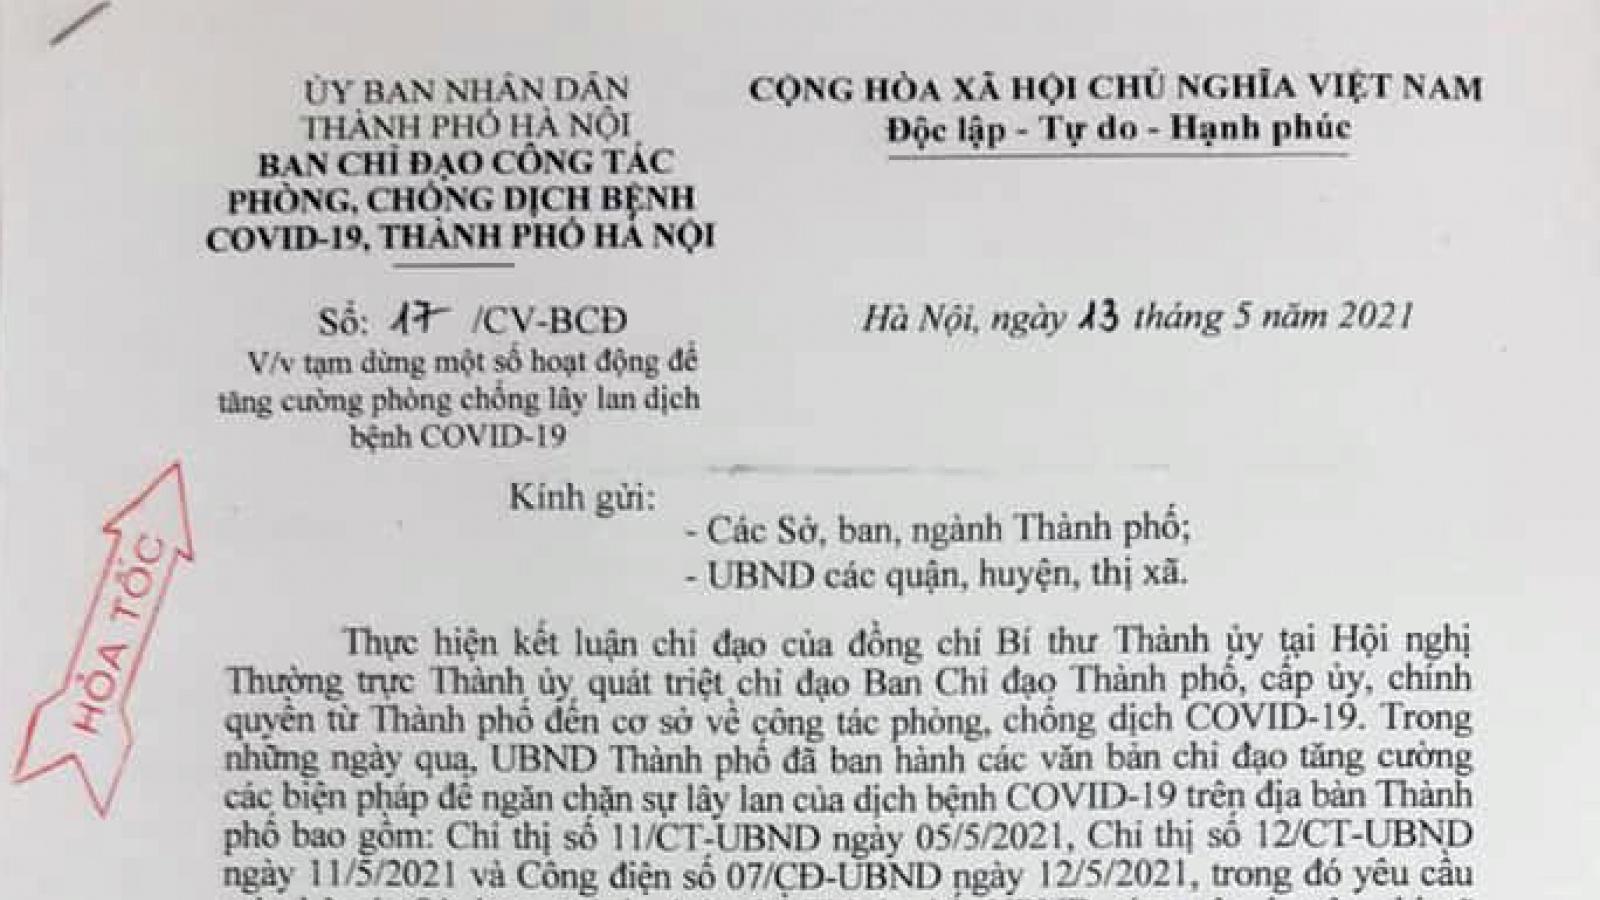 Hà Nội tạm dừng hoạt động thể thao, sân golf, tập golf  từ 12h00 ngày 13/5